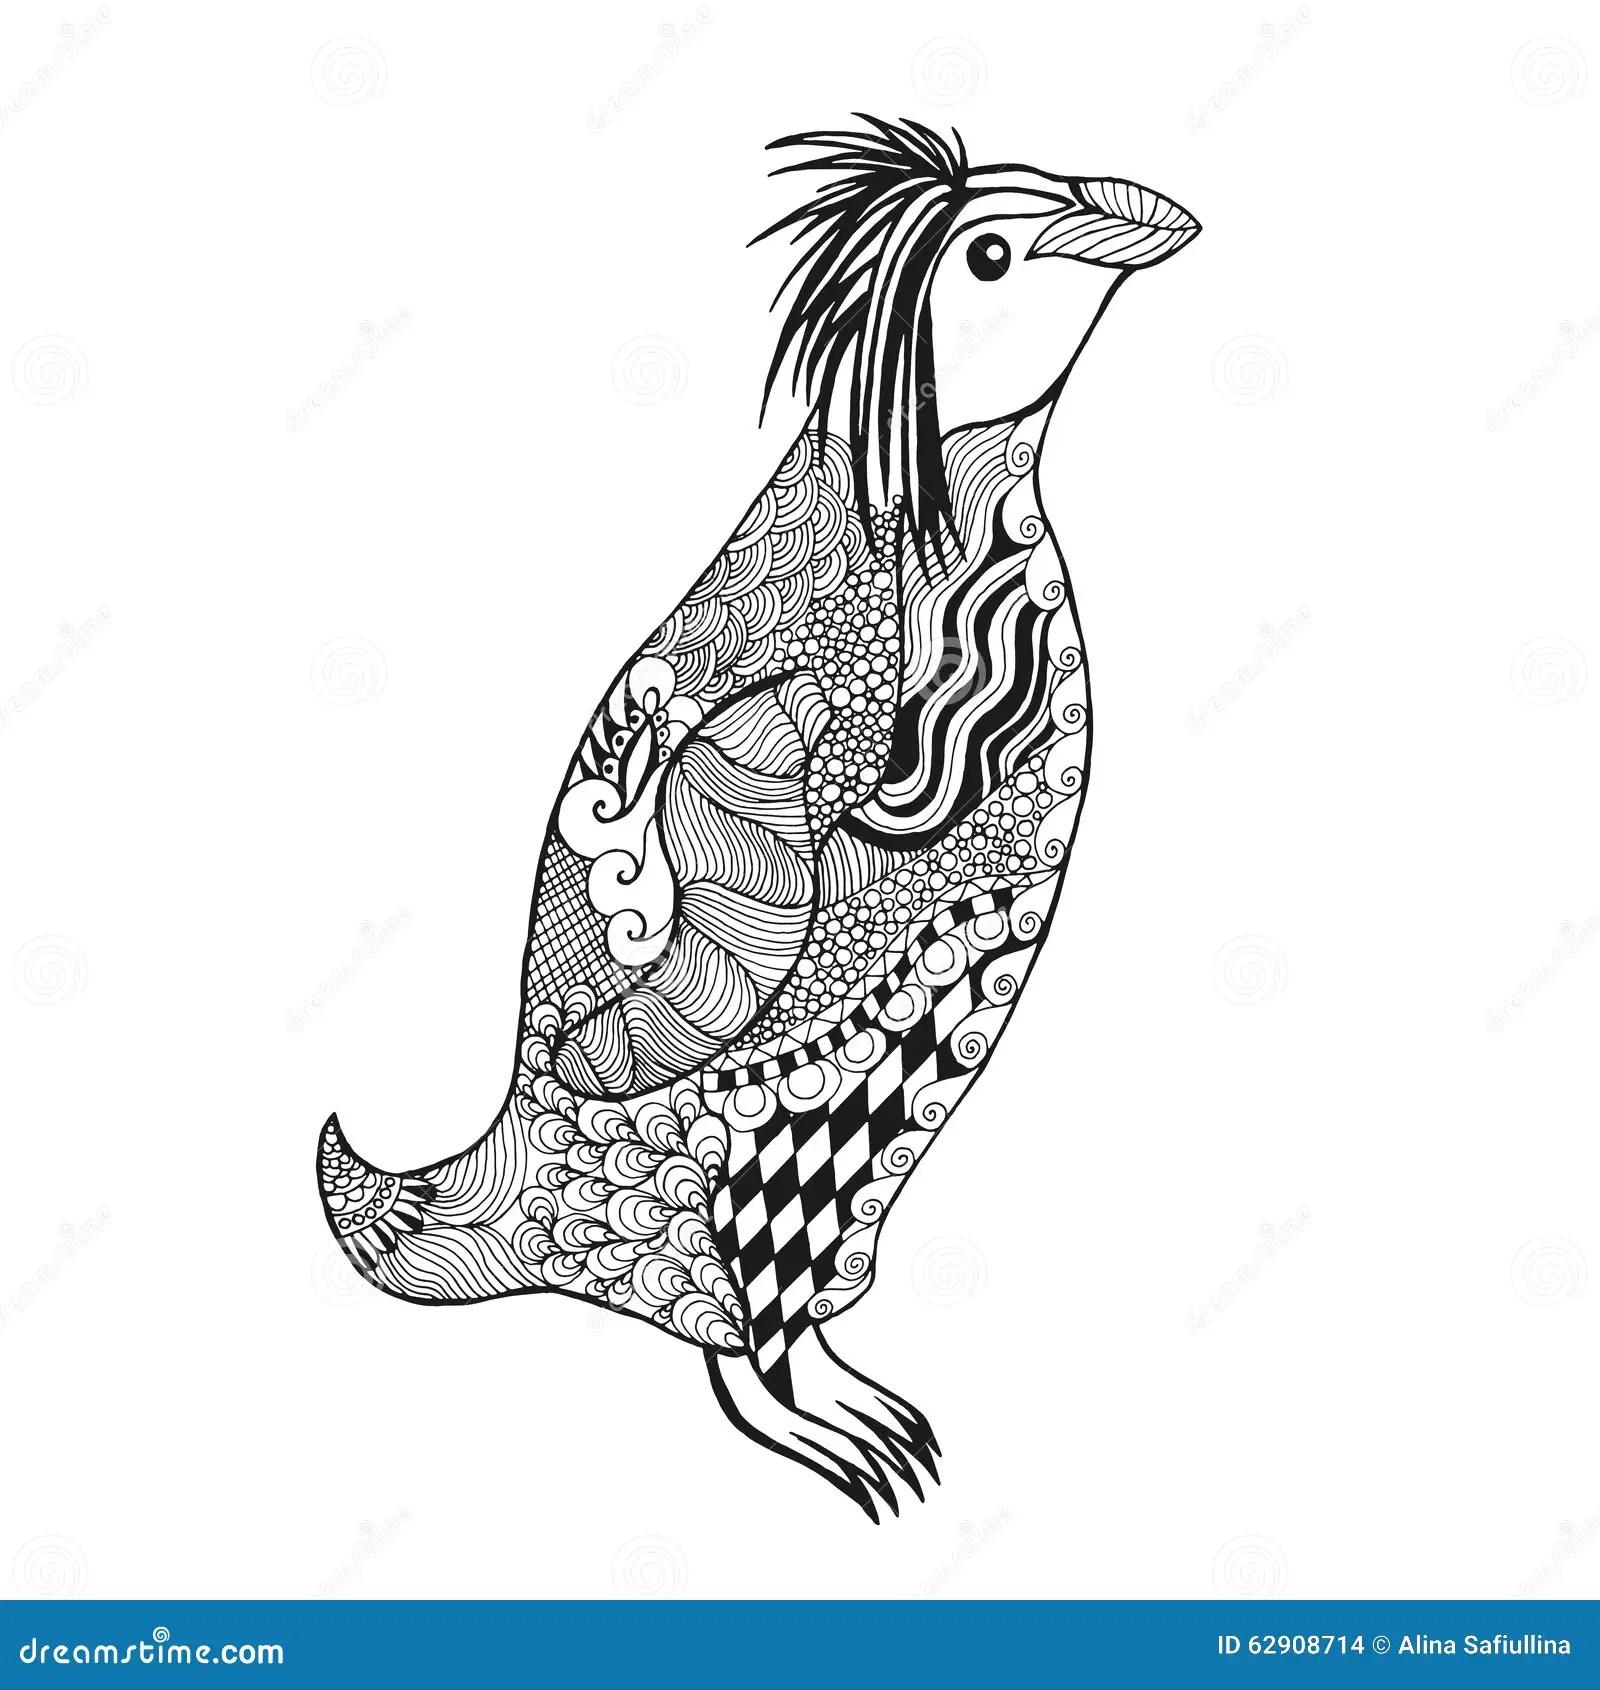 Zentangle Stylized Penguin Stock Vector Image 62908714